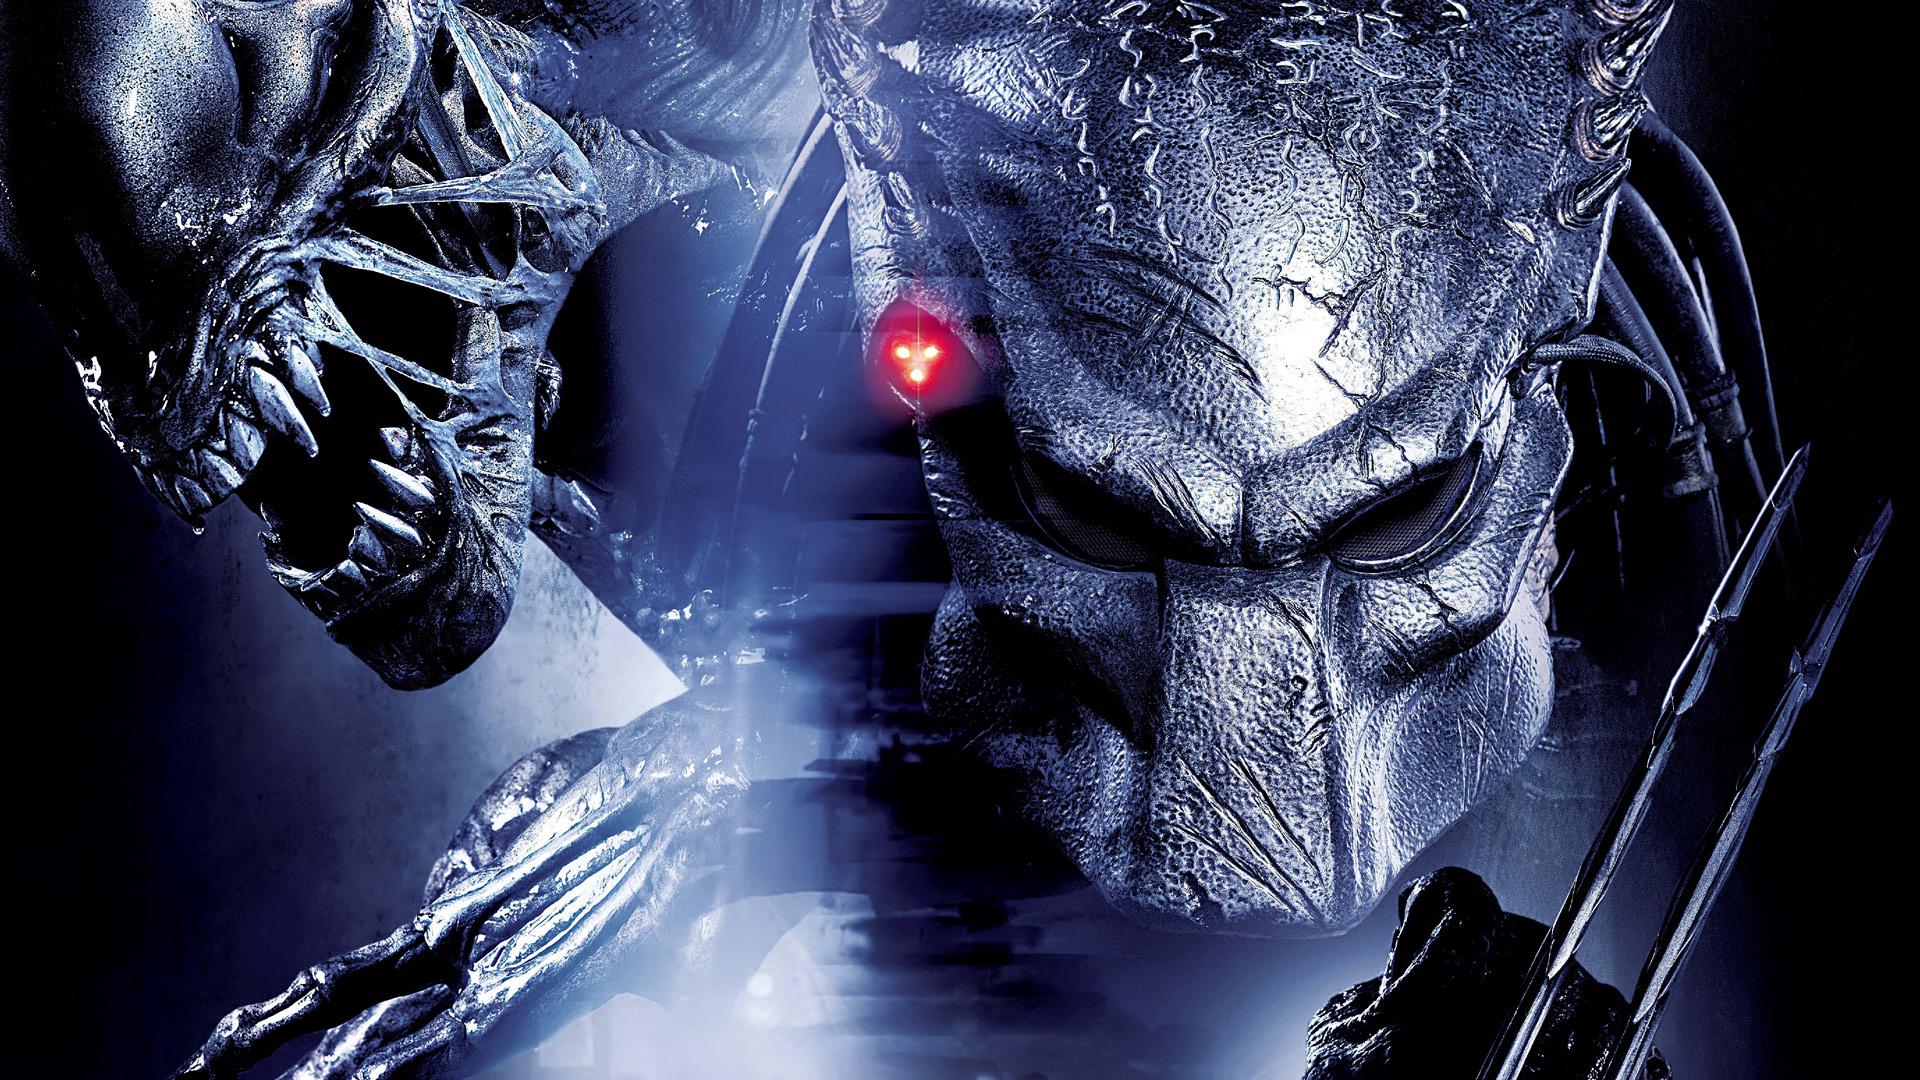 alien vs predator 1 movie - photo #18